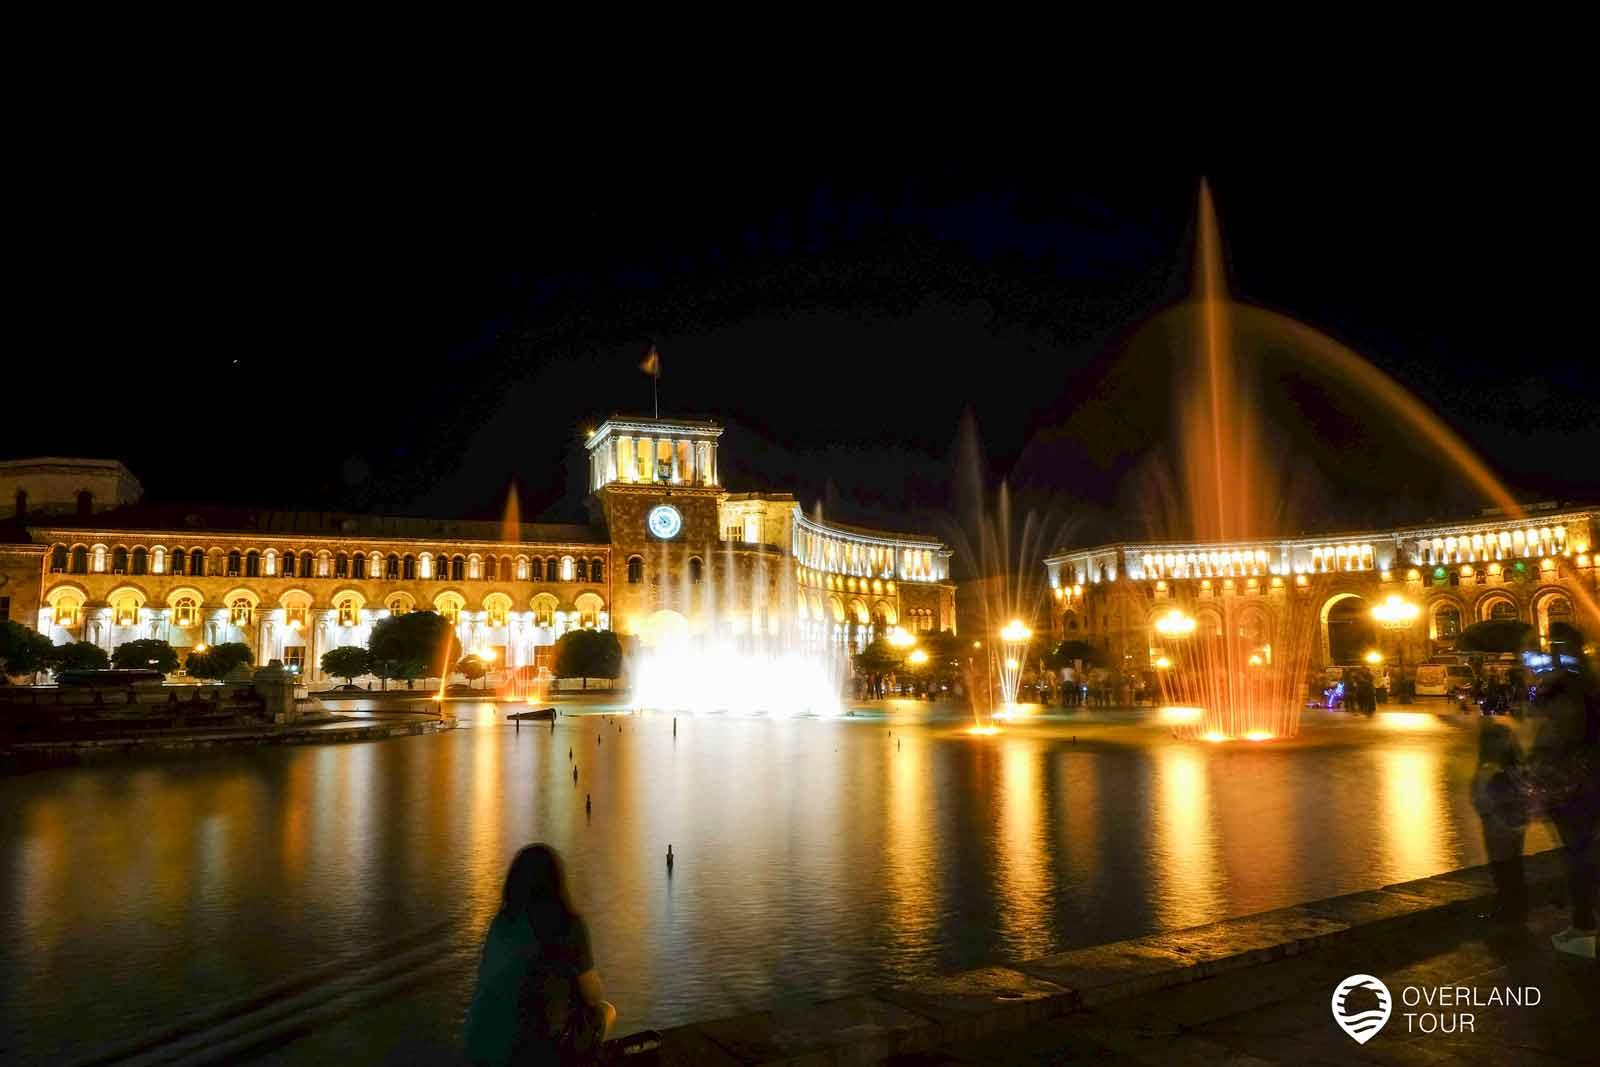 Sehenswürdigkeit Jerewan   Top 1 - Den Charme erhält der Platz der Republik durch die Gebäude, die ihn umgeben und das besonders bei Nacht